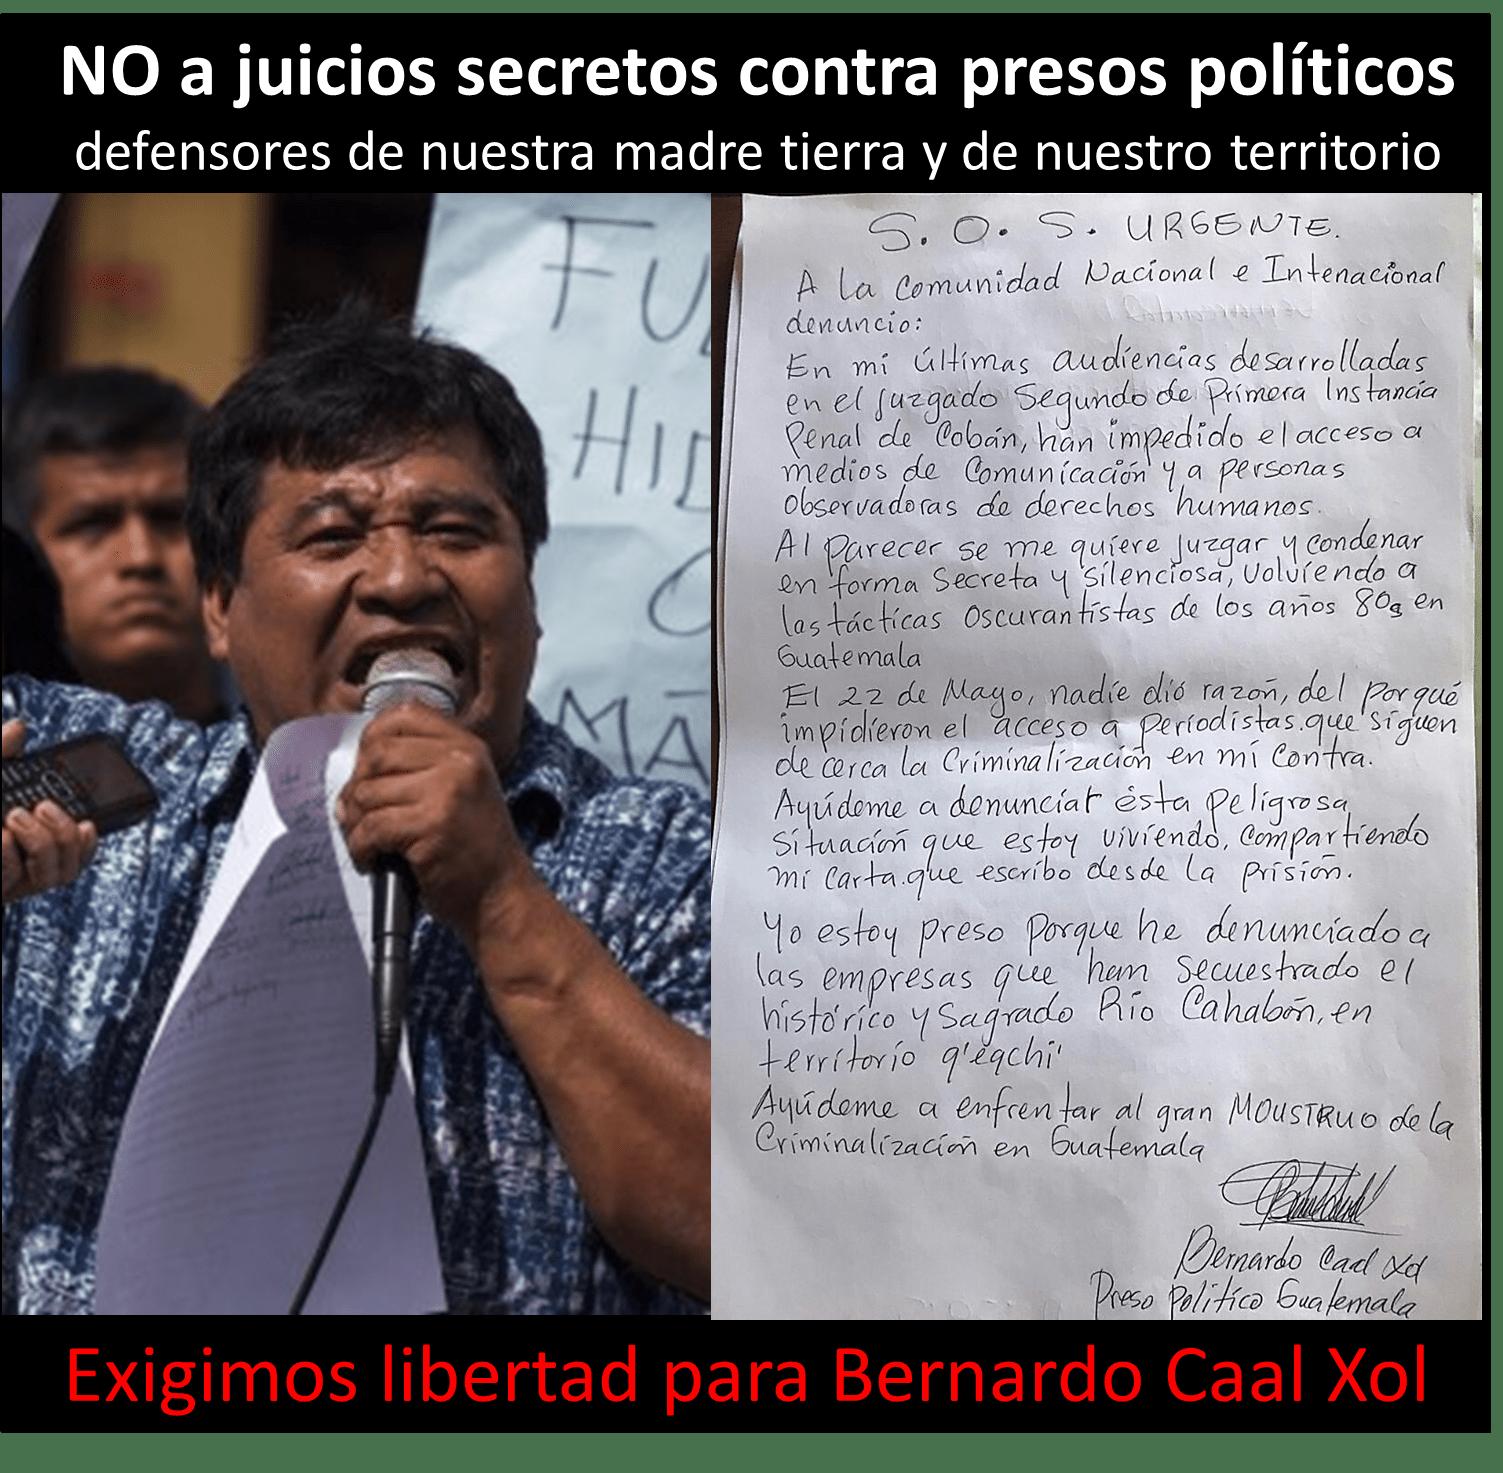 Exigimos libertad para Bernardo Caal Xol, no a los juicios secretos de los presos políticos